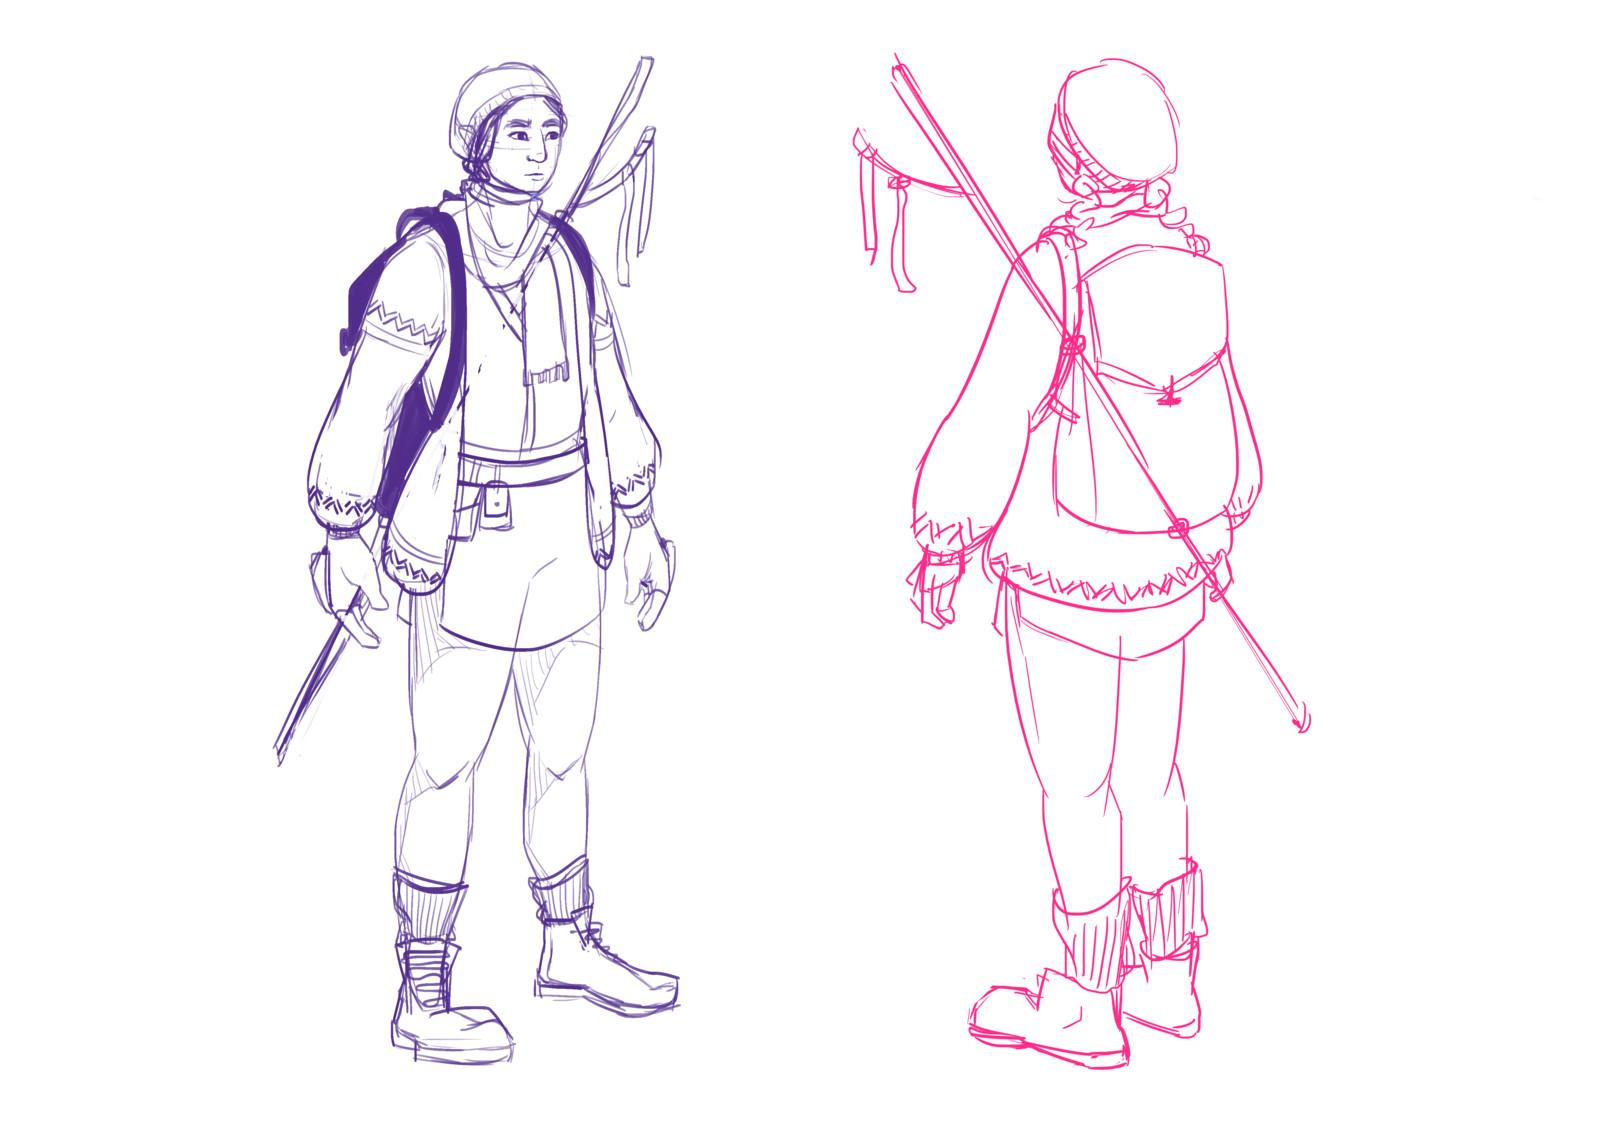 Nanu - Character turnaround (process)